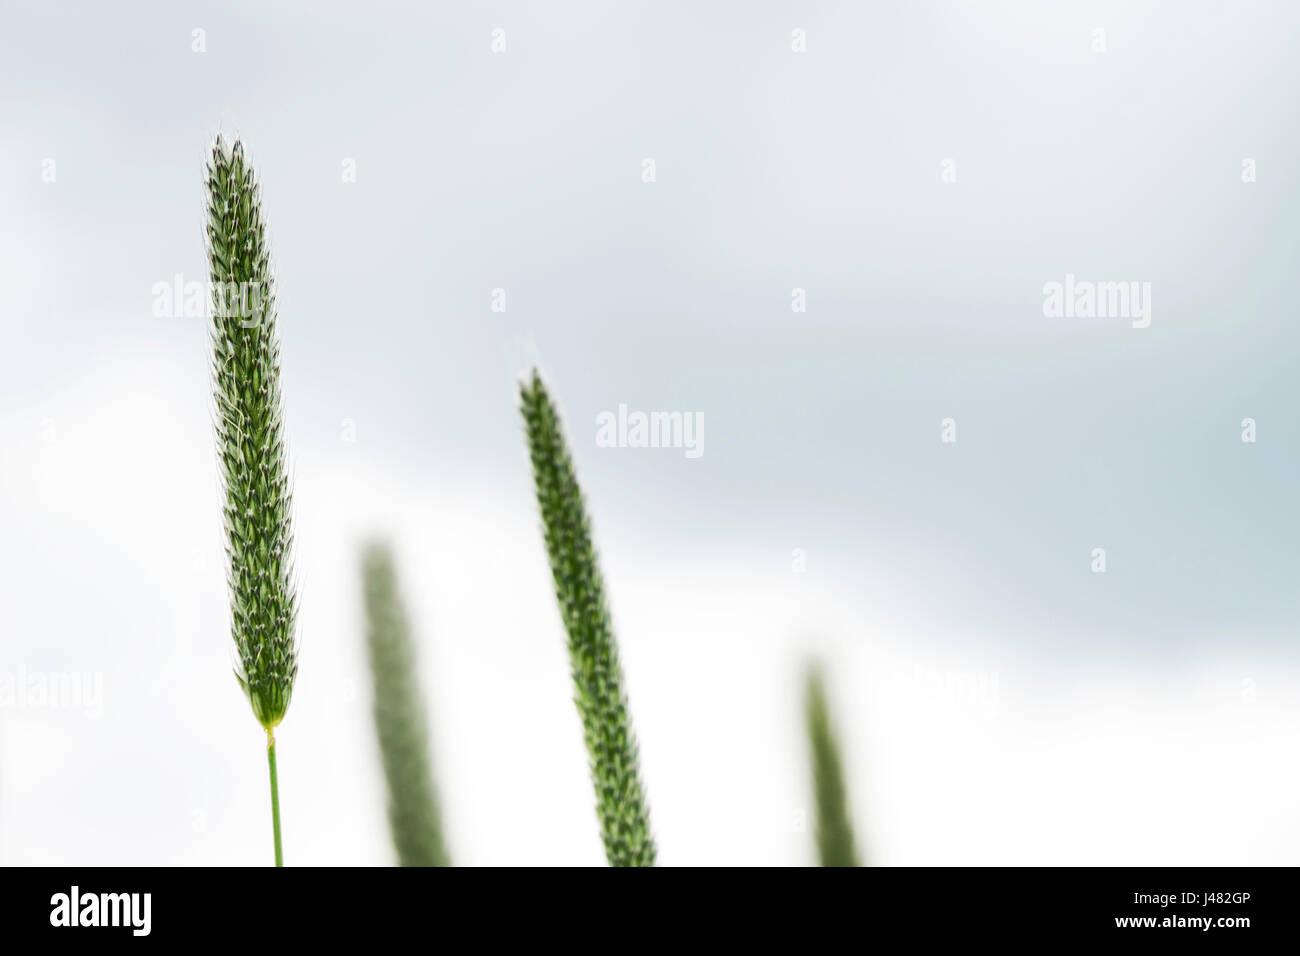 Fine Art La fotografía macro: Cierre de cuatro hojas de hierba con sus juncos, frente a casi el fondo blanco. Foto de stock